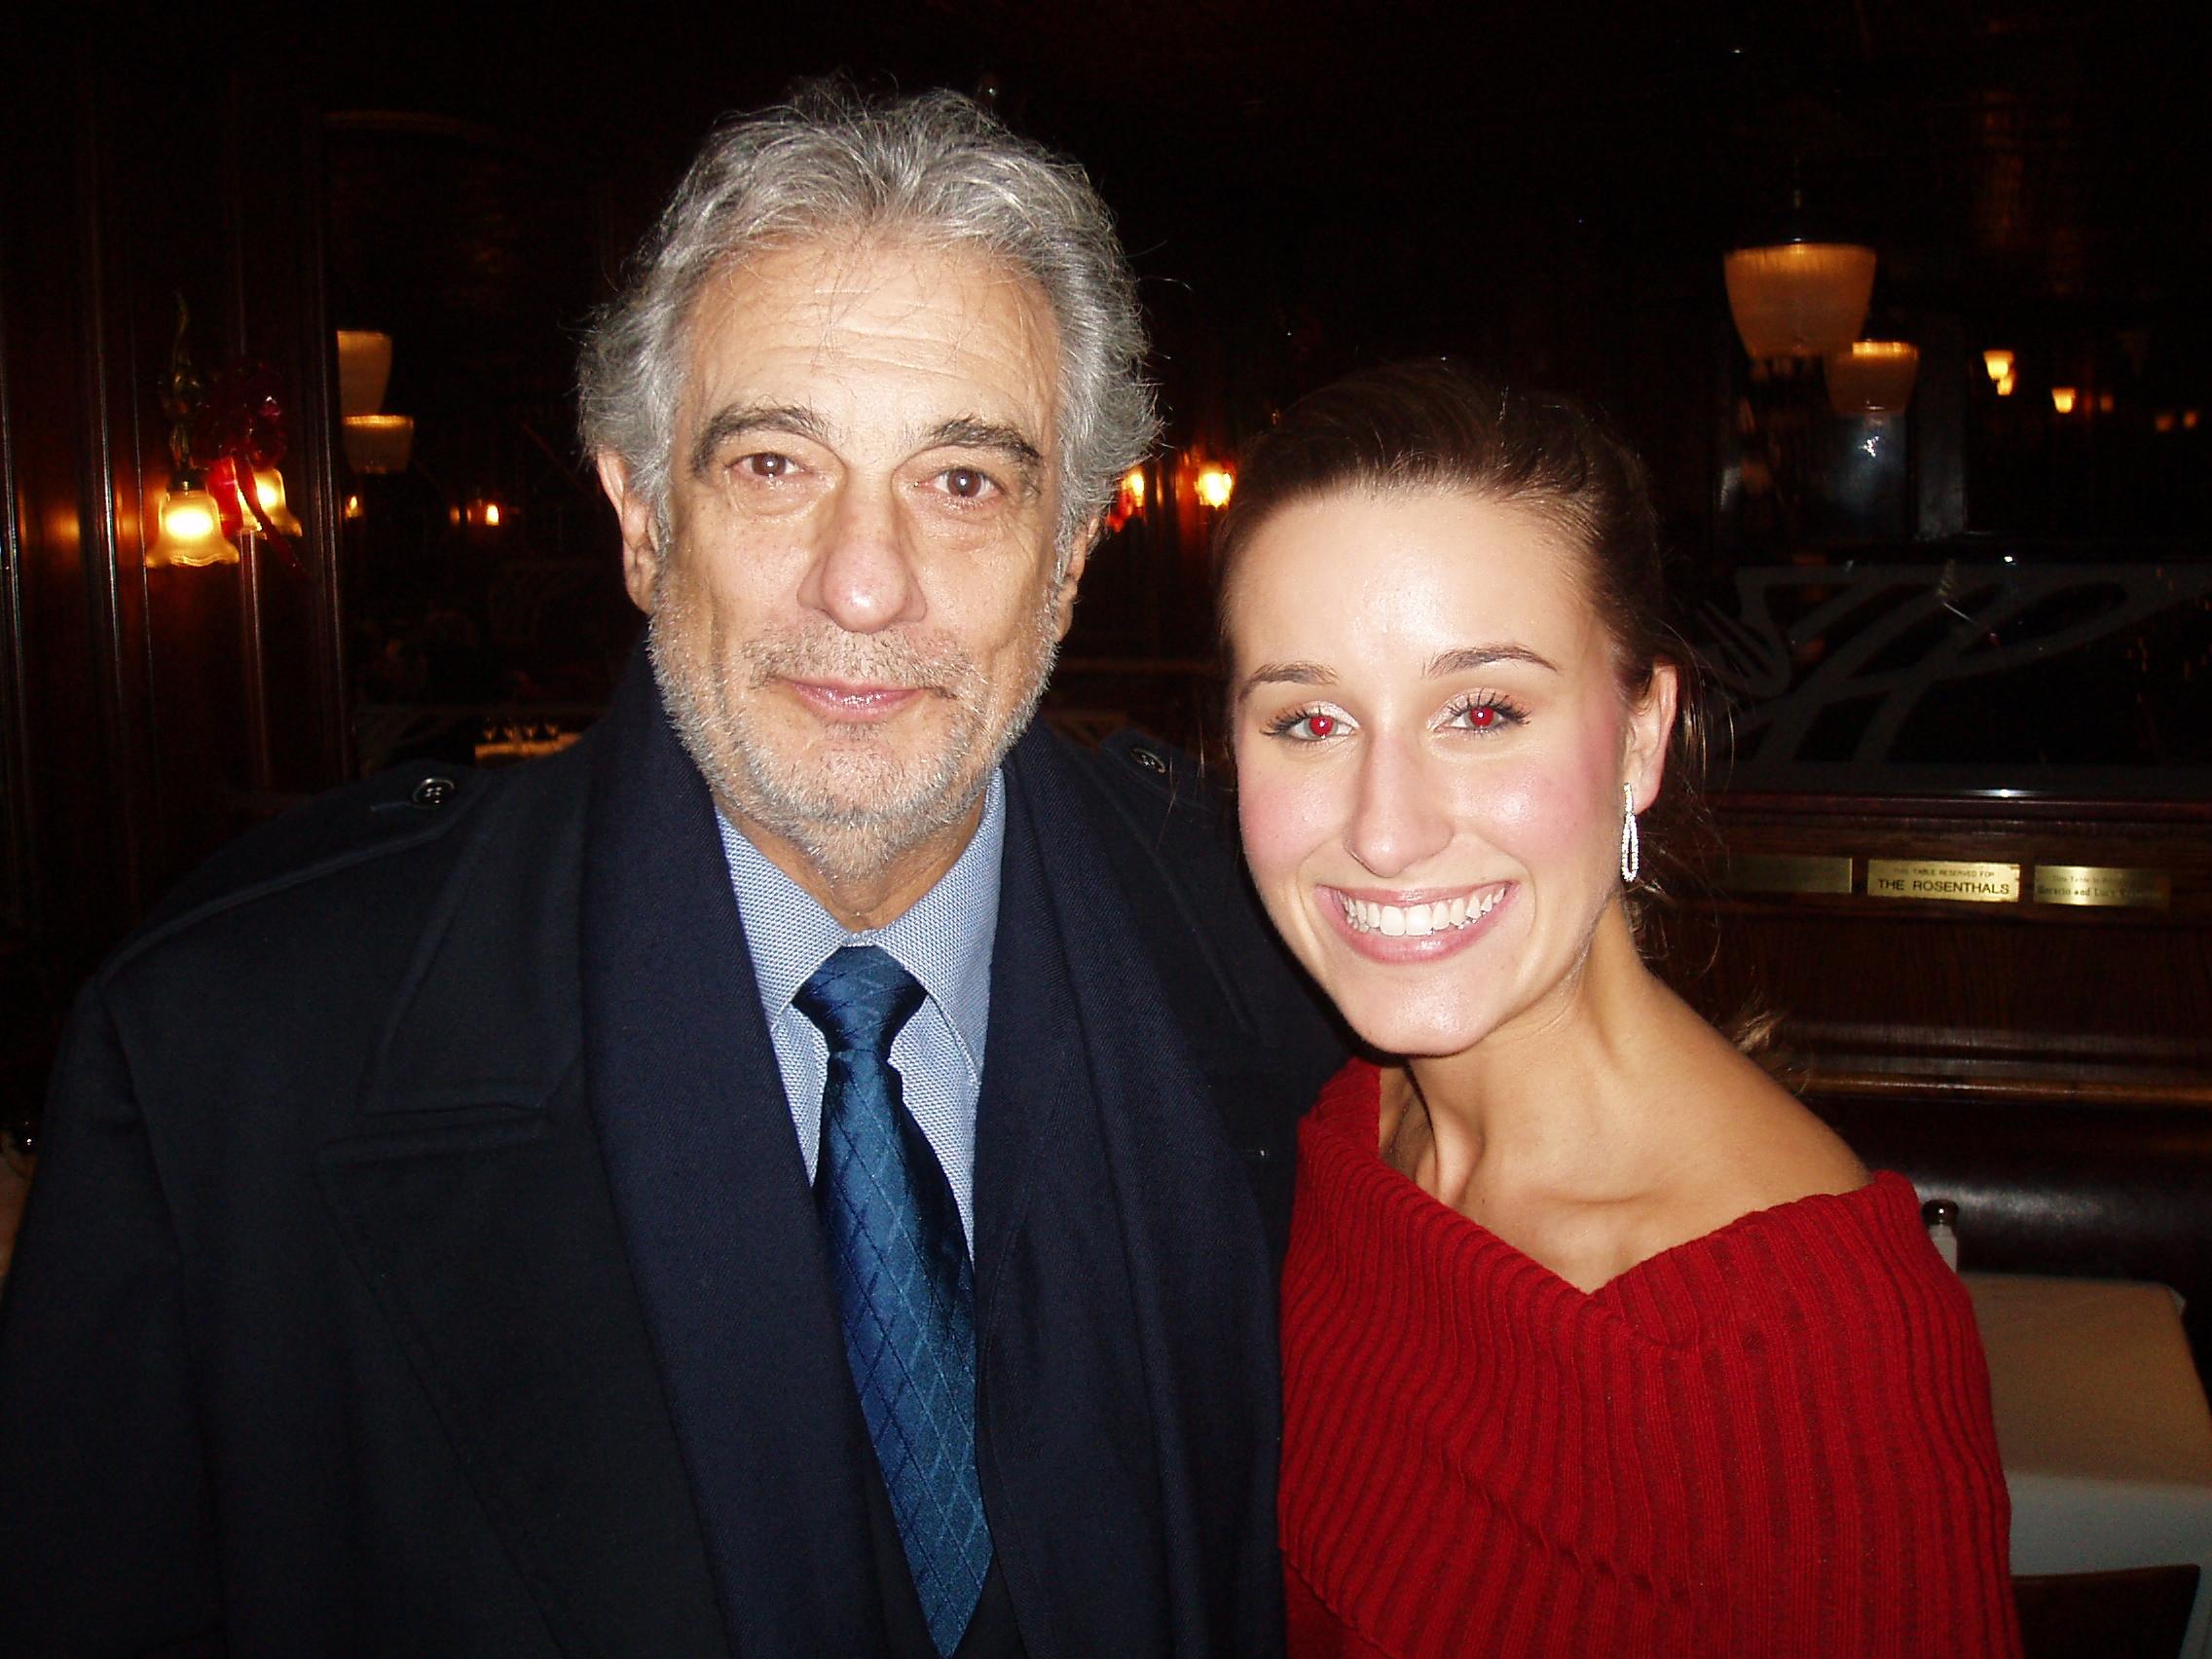 Lauren with legendary opera singer, Placido Domingo